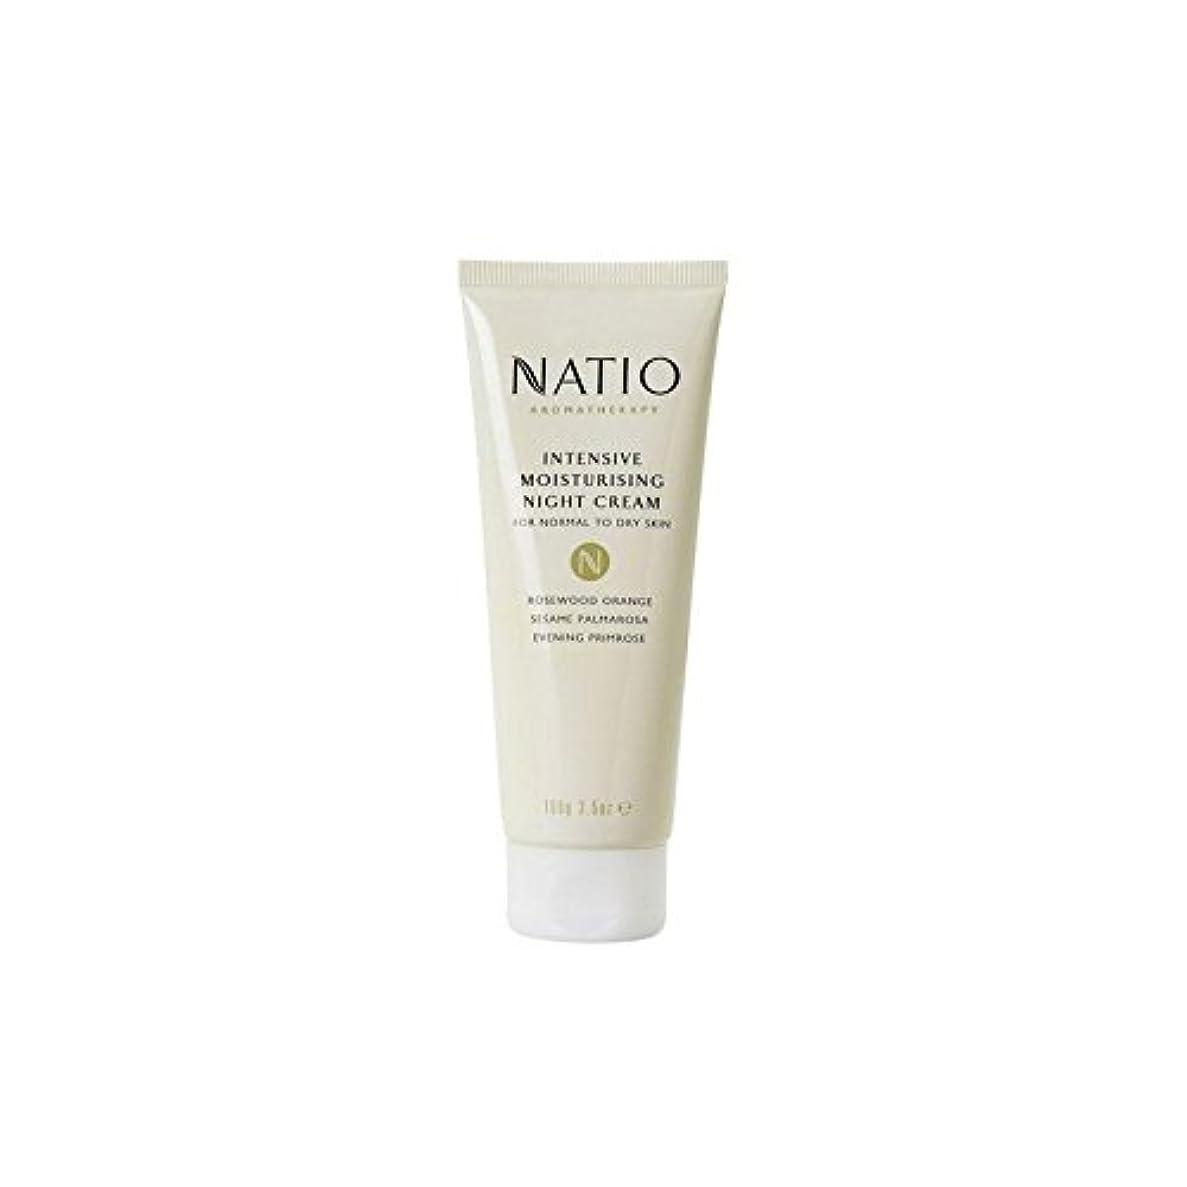 ライド払い戻しペニー集中的な保湿ナイトクリーム(100グラム) x4 - Natio Intensive Moisturising Night Cream (100G) (Pack of 4) [並行輸入品]